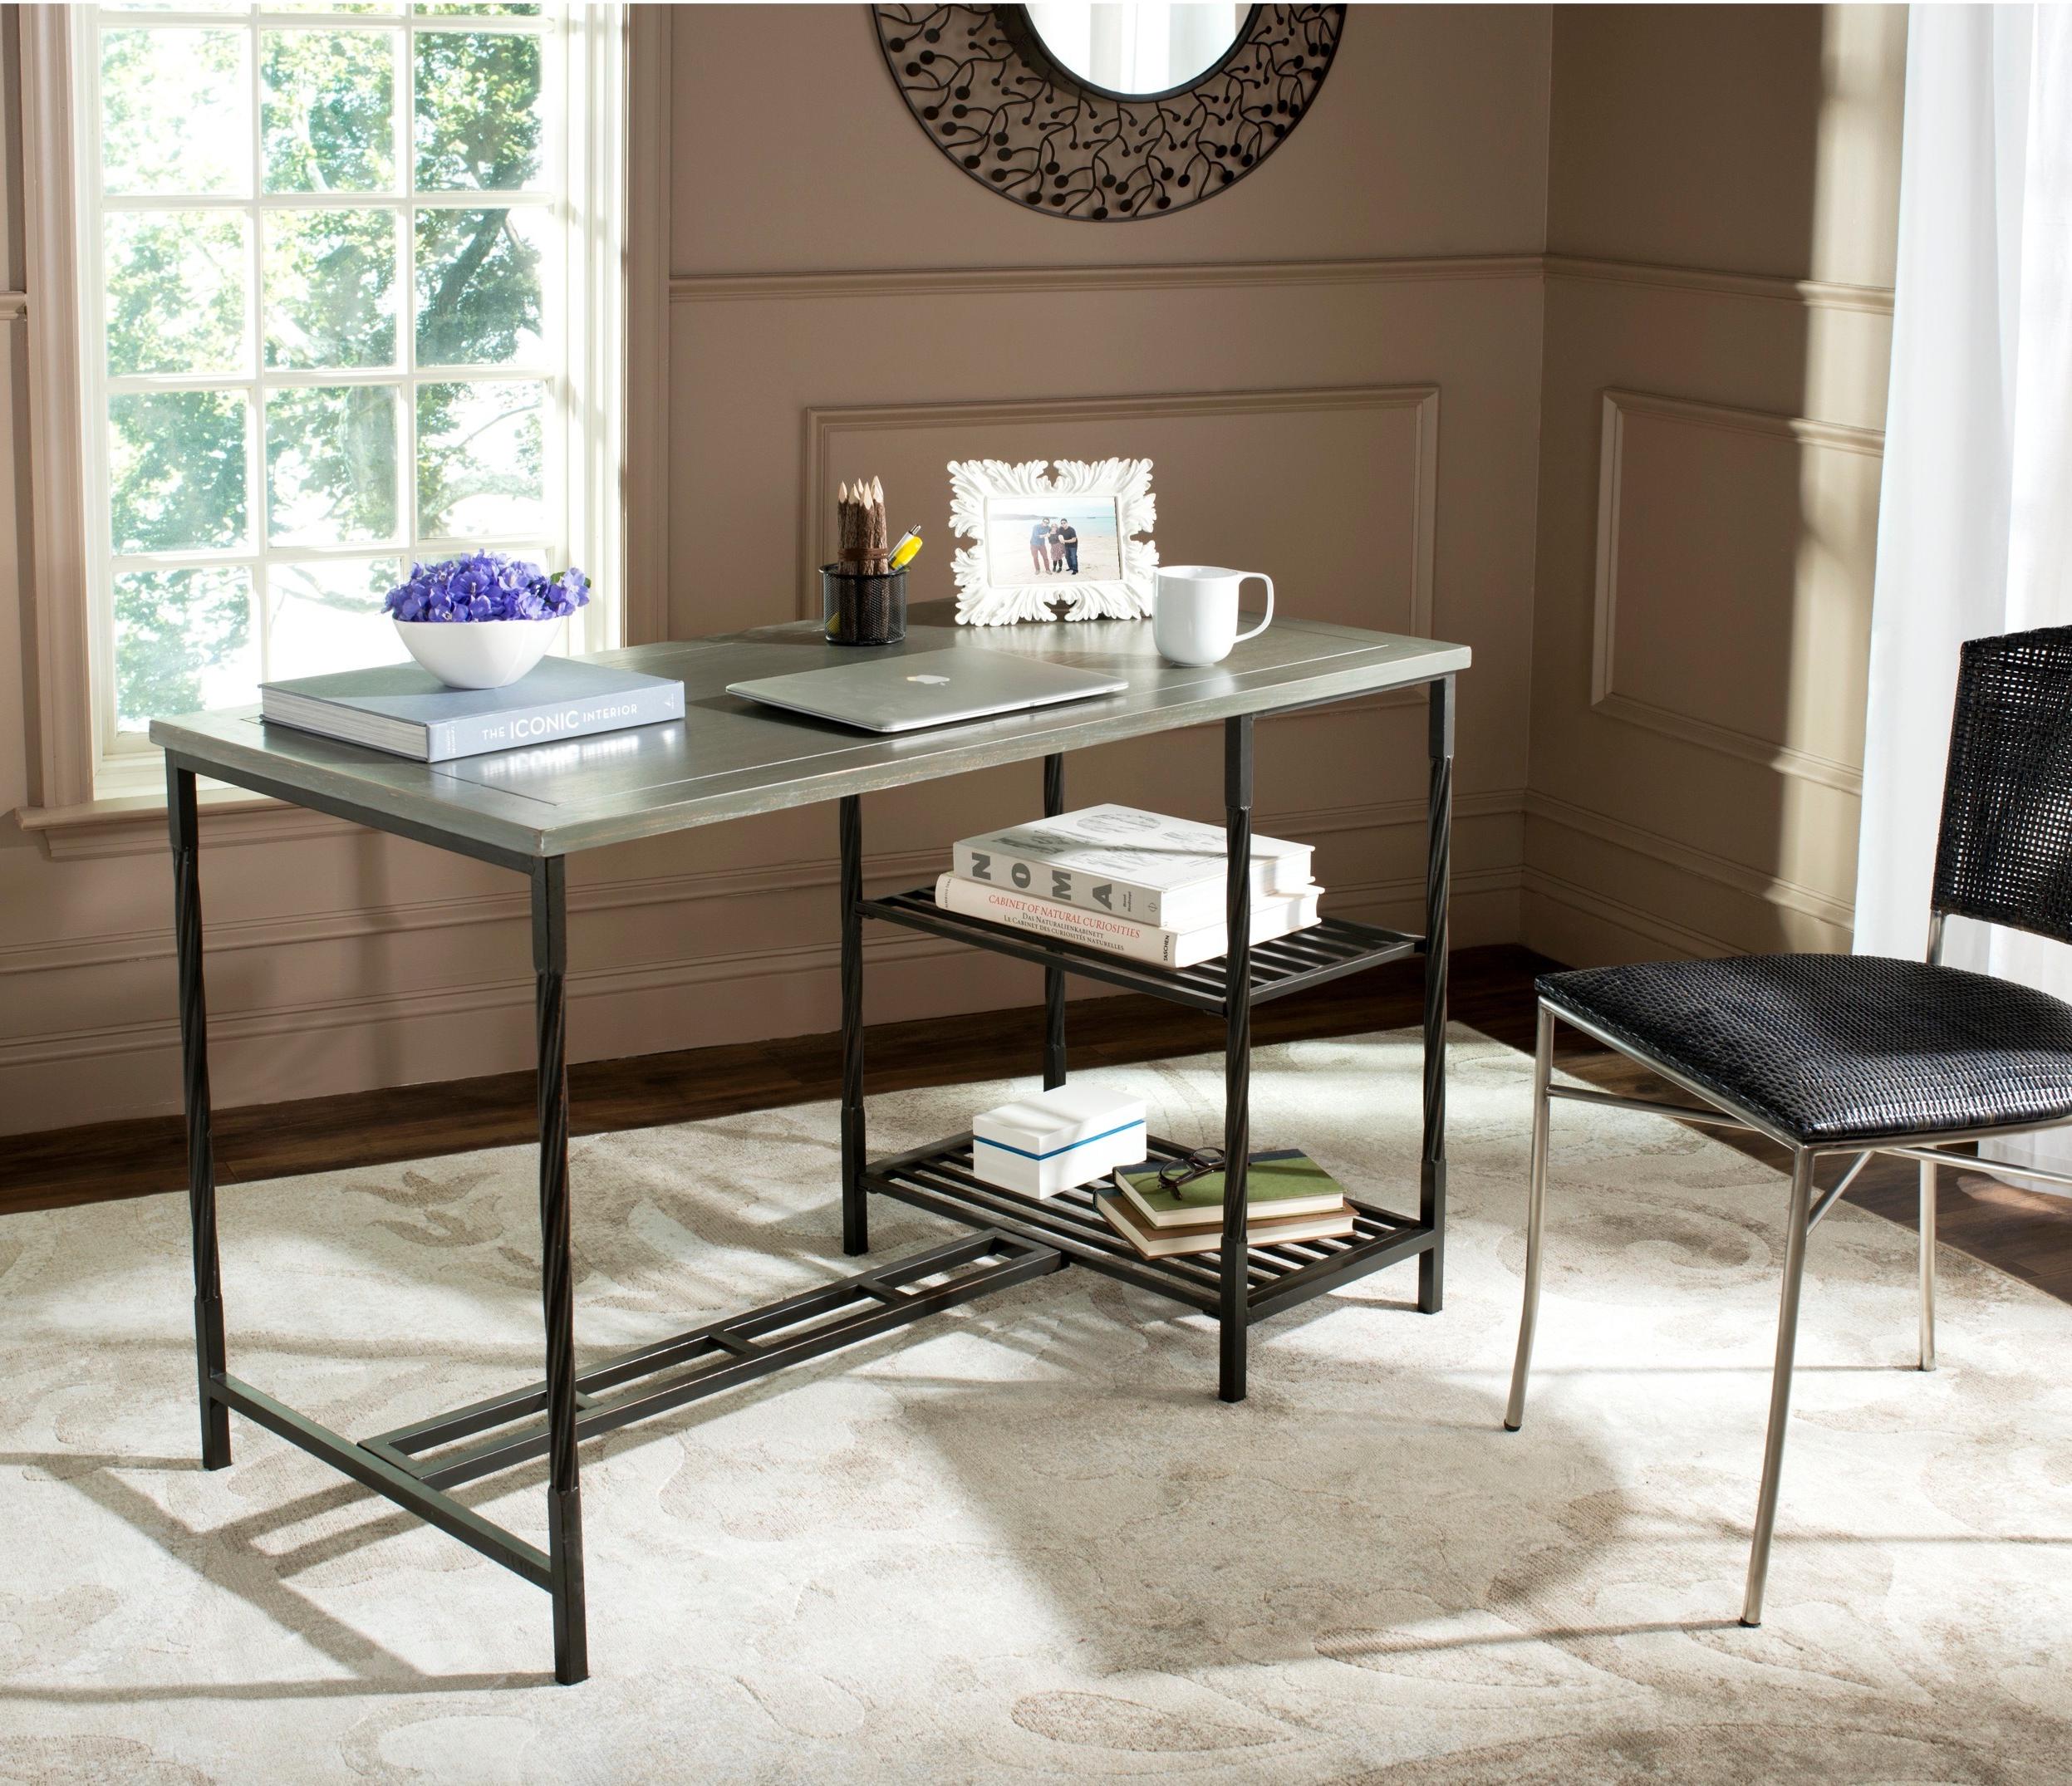 Simple Office Desk Model